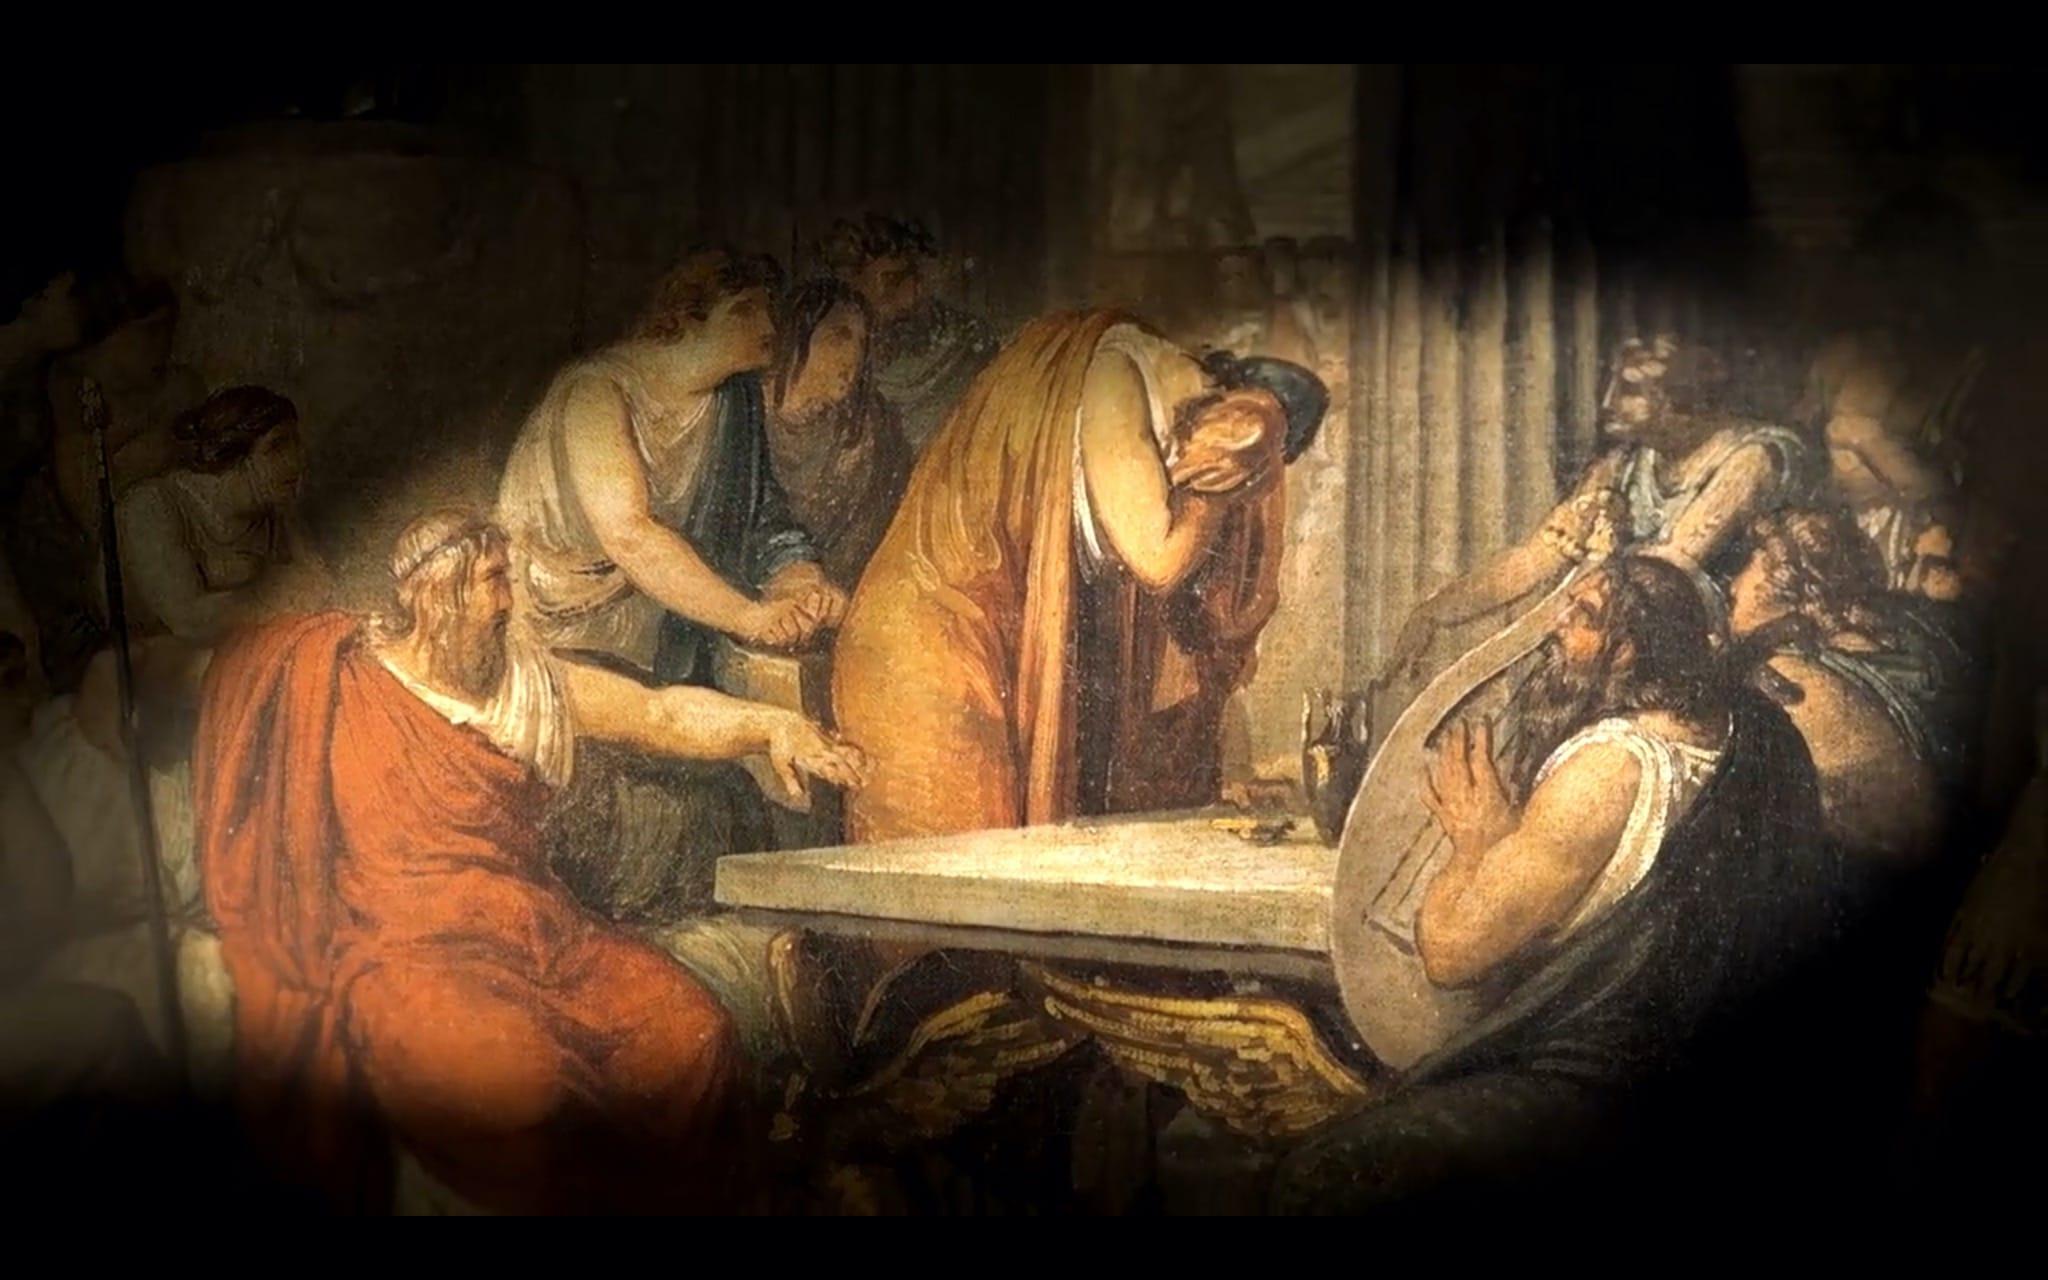 Les grands mythes - L'Iliade et L'Odyssée image série documentaire